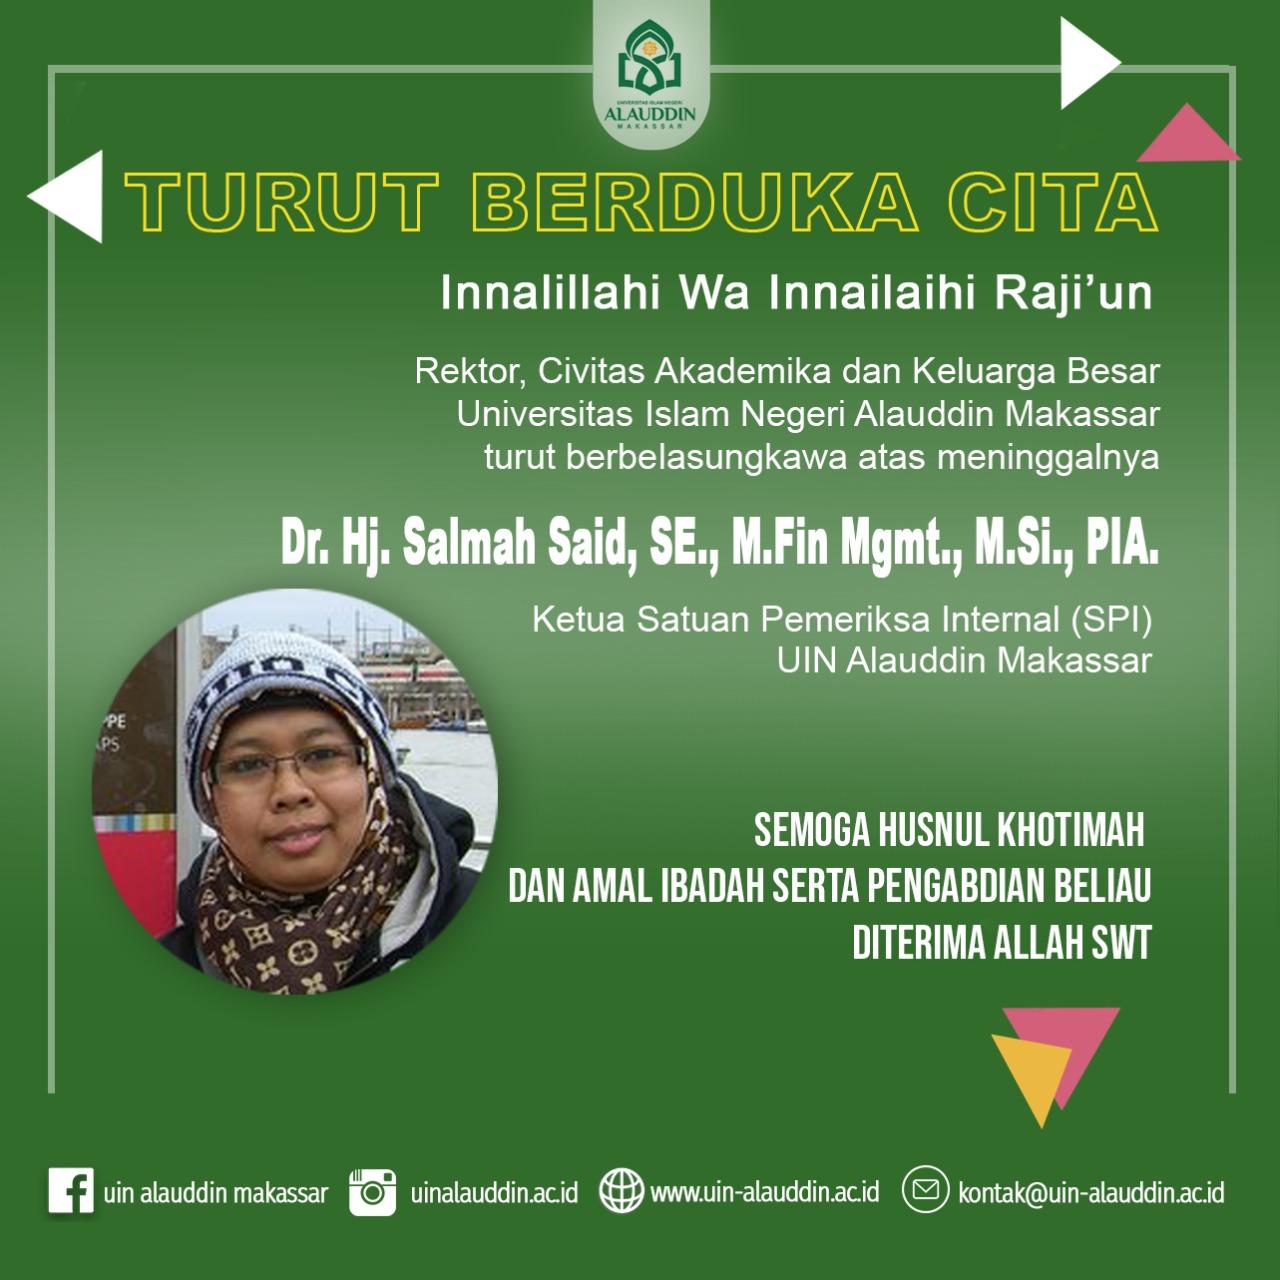 UIN Alauddin Makassar Berduka, Ketua SPI Salmah Said Tutup Usia